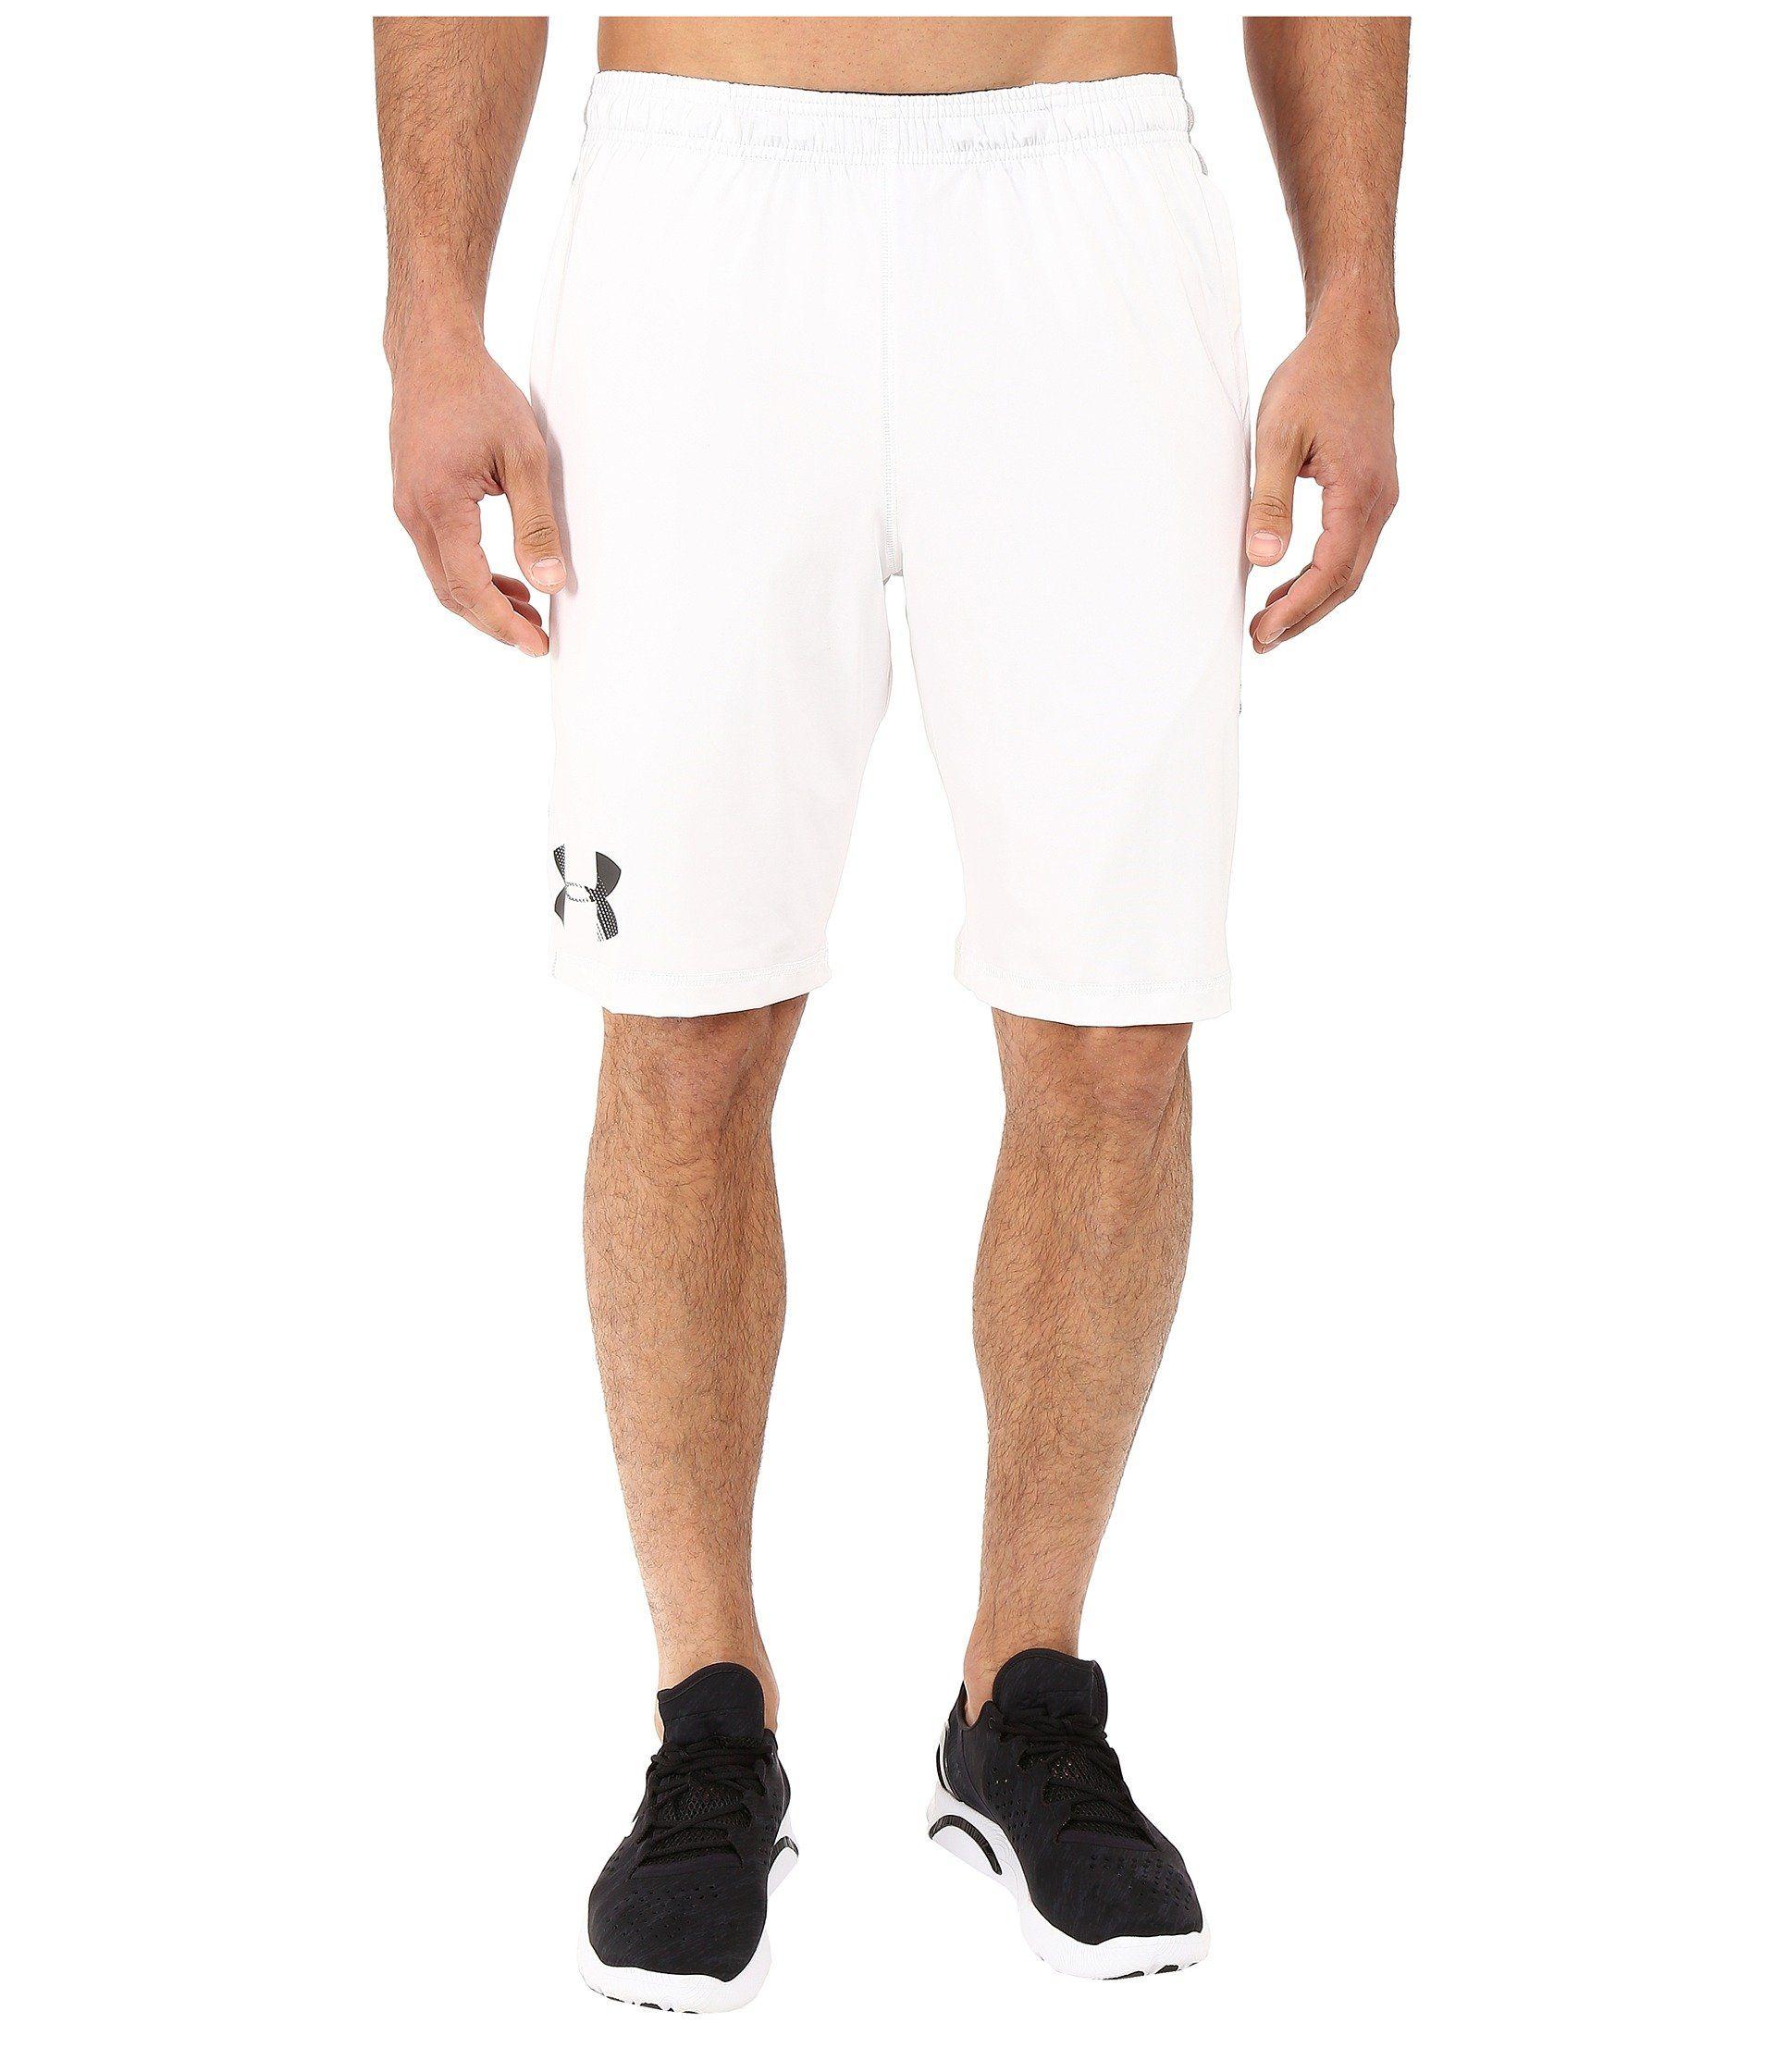 21f3f42b8e3e UNDER ARMOUR UA Raid Graphic Shorts.  underarmour  cloth